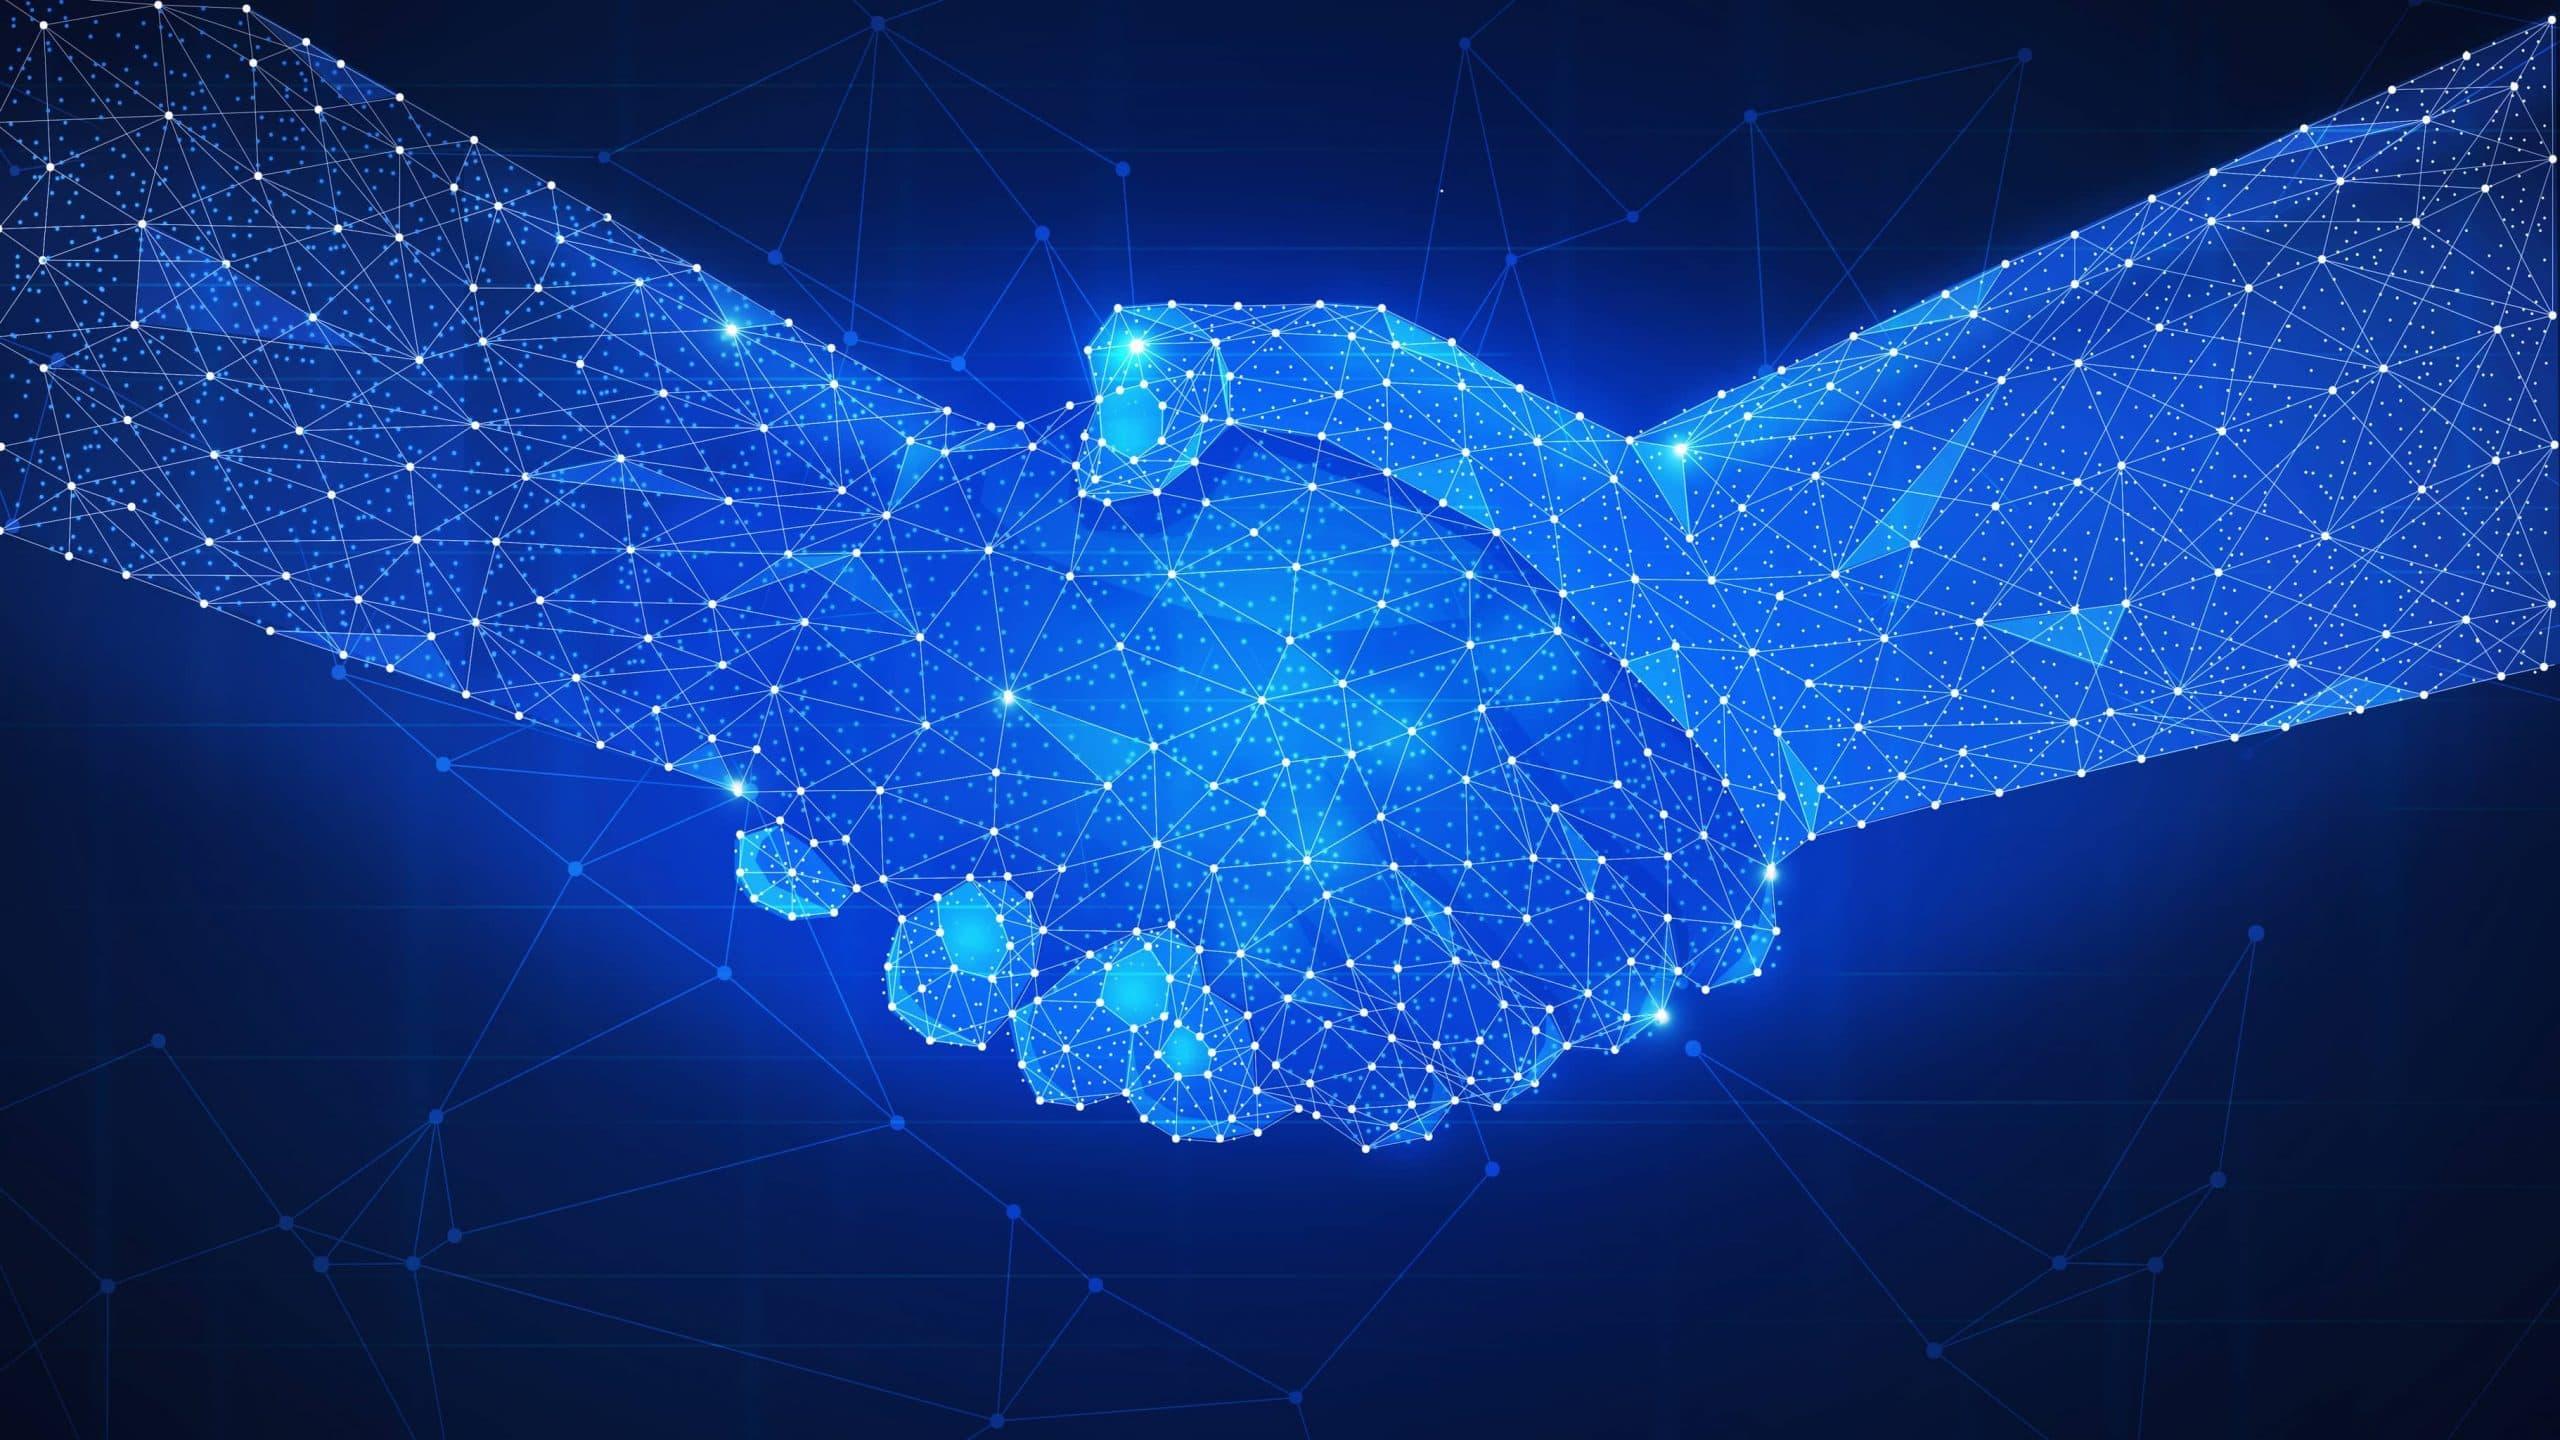 Zwei digitalisierte Hände schütteln sich gegenseitig.